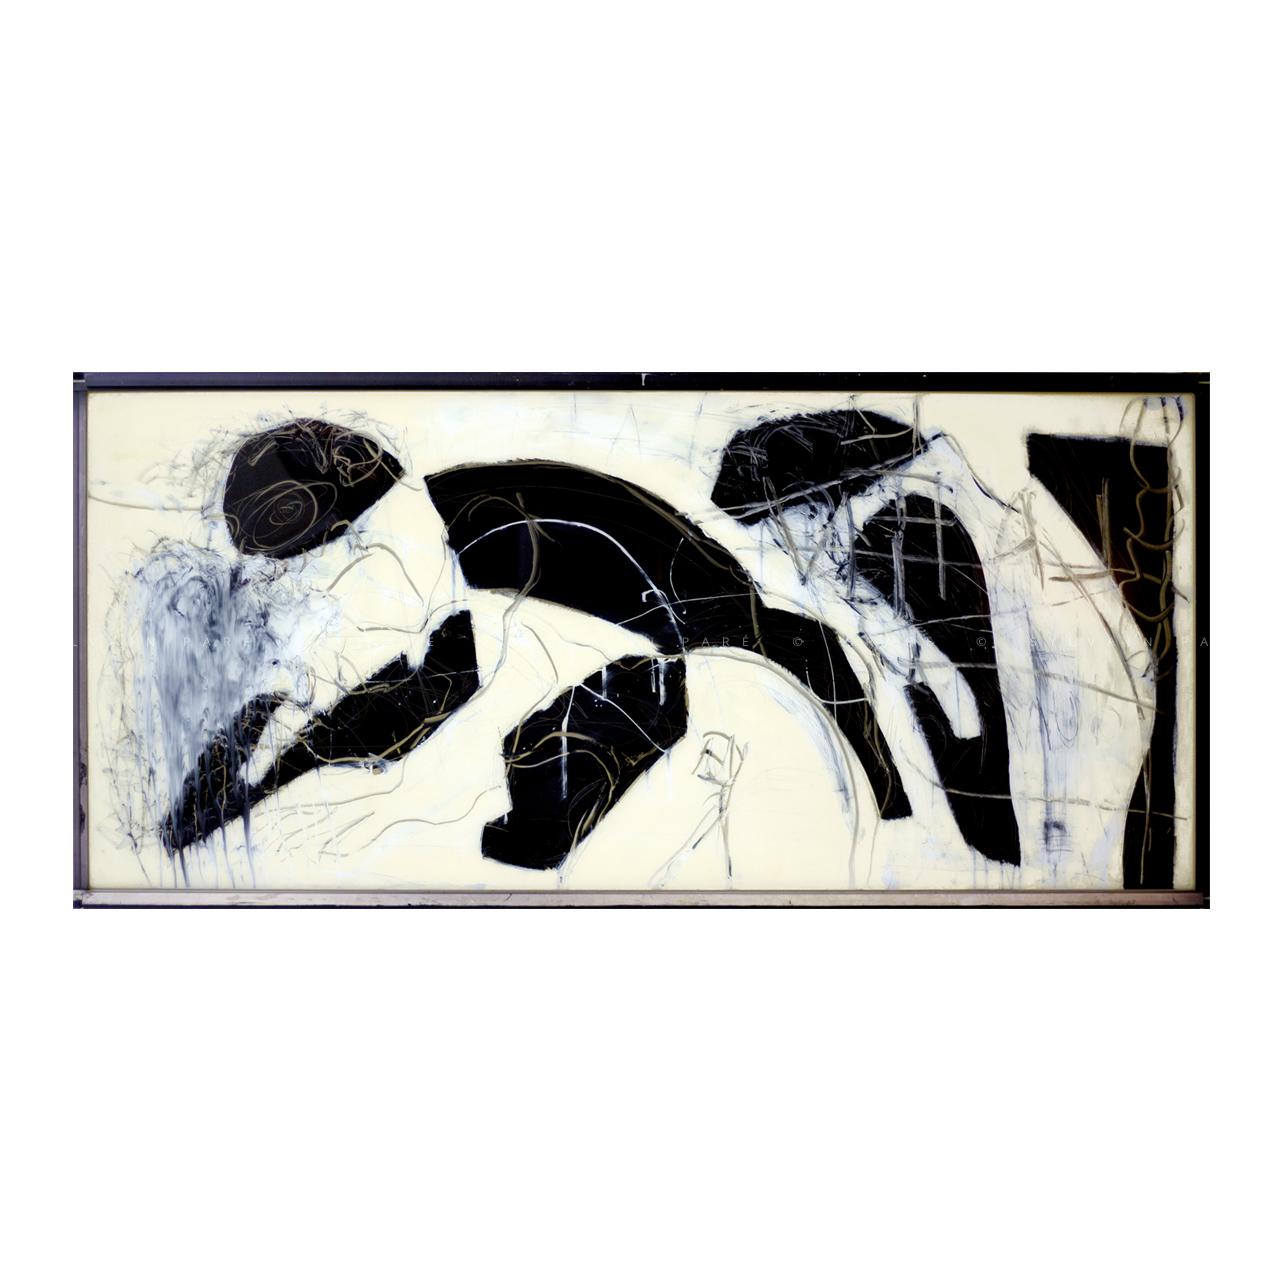 sylvain-pare-spare-artwork-1280x1280_IMG_0246.jpg